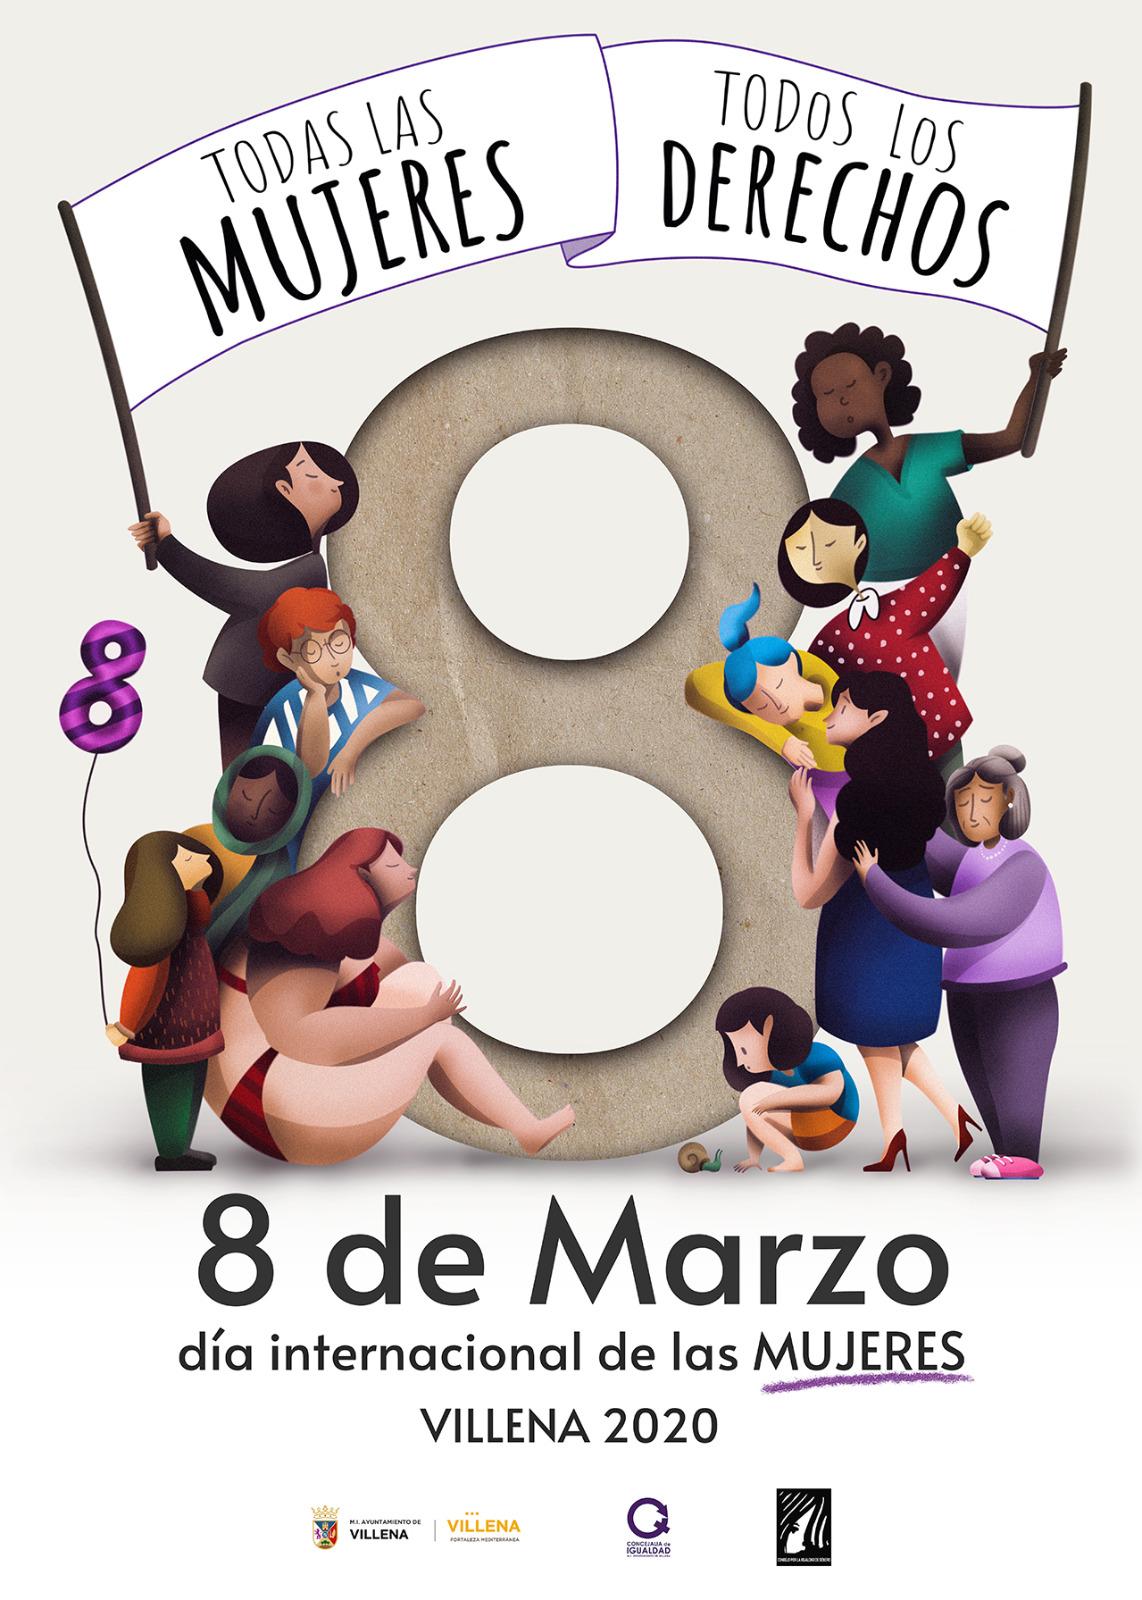 Cartel del 8 de marzo día internacional de las mujeres. Villena 2020. Todas las mujeres. Todos los derechos.